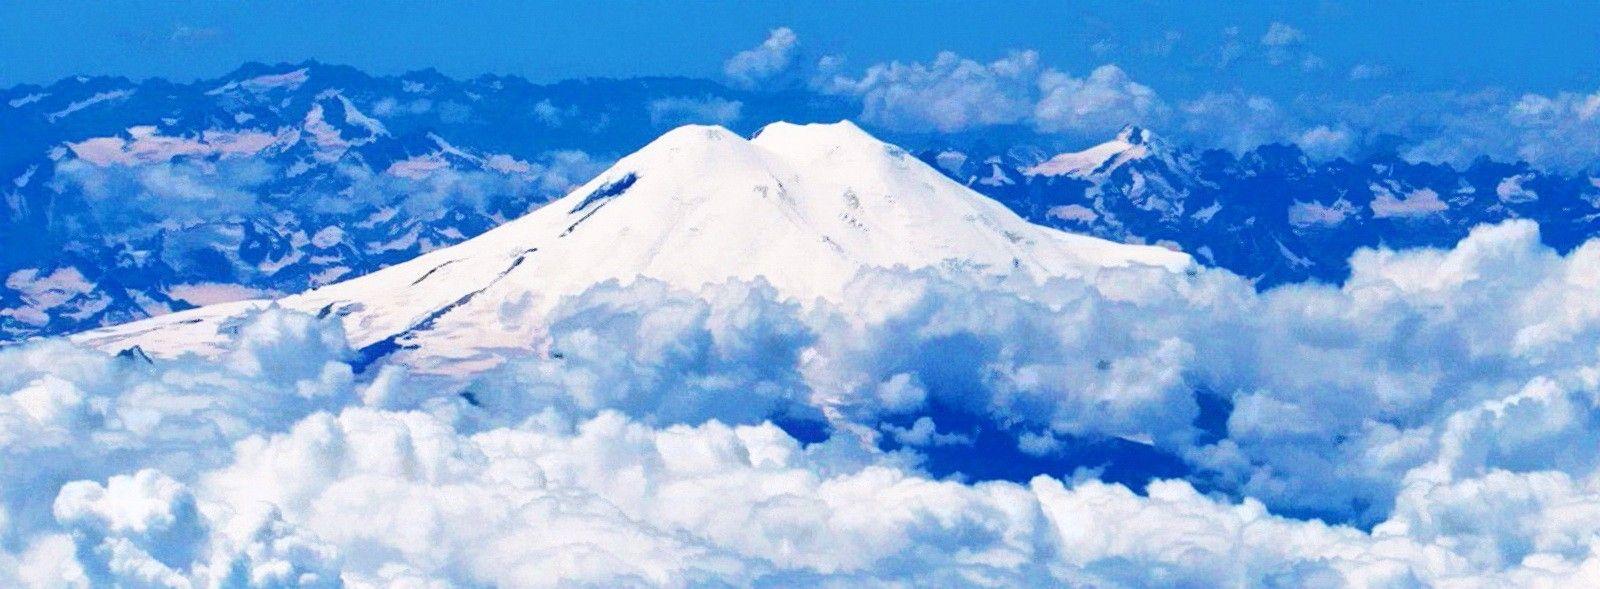 Эльбрус — именно таким он встретил нас наверху, выше облаков, в тот сентябрьский день 1998 года в Карачаево-Черкессии, когда мы с борта маленького вертолёта старались снять эту гордость народов Кавказа со всех сторон. Внизу, под облаками, тогда была жара - выше 30 градусов, а тут, на борту при открытых дверях, наша команда быстро замёрзла напрочь…